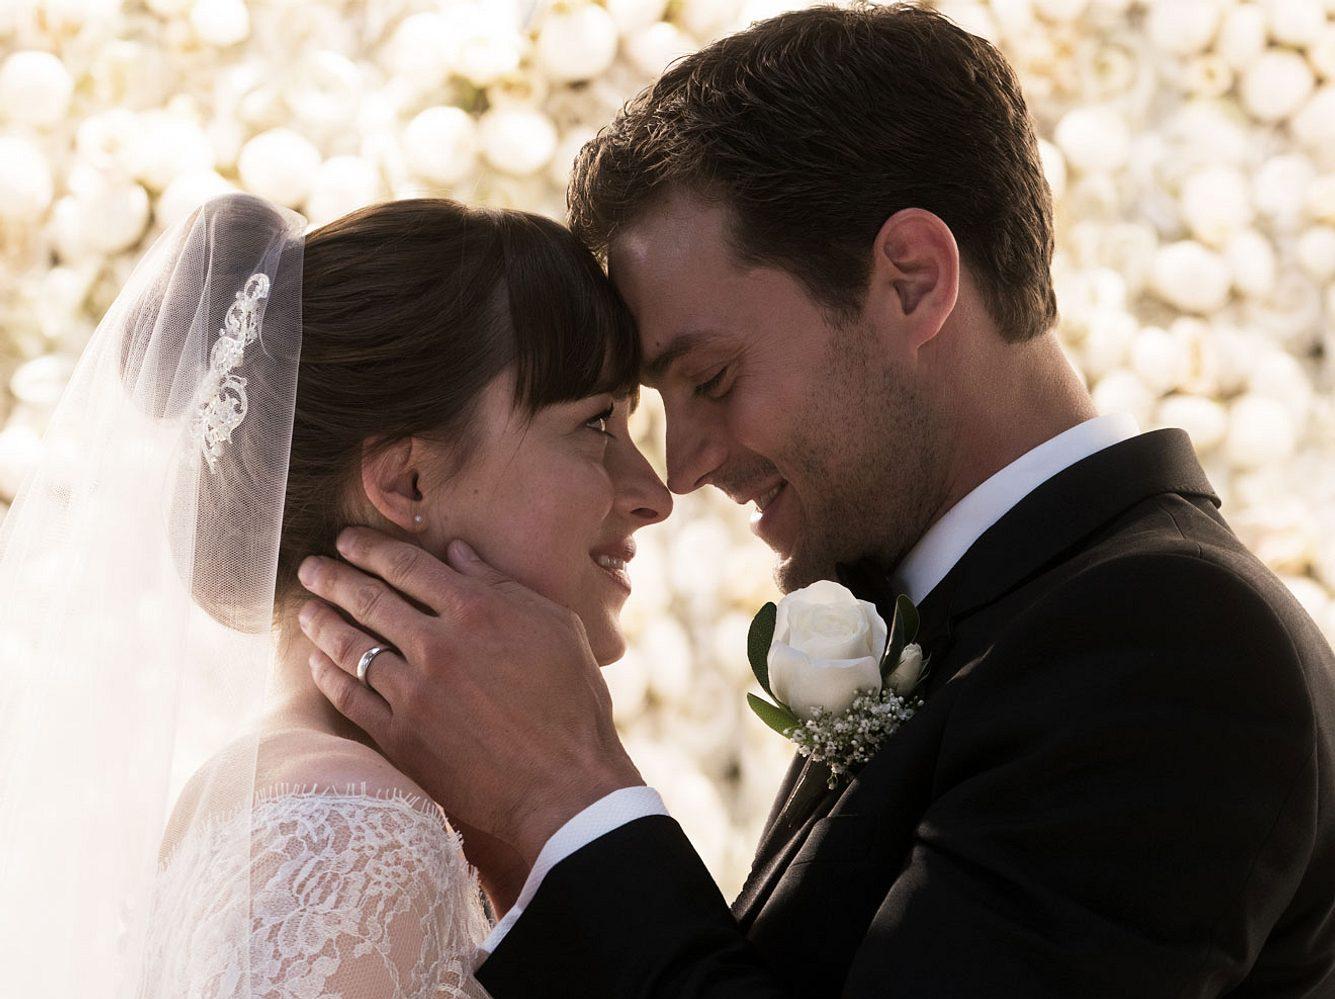 Romantisches Finale! In Fifty Shades of Grey - Befreite Lust geben sich Christian Grey und Anastasia Steele endlich das Ja-Wort und heiraten.